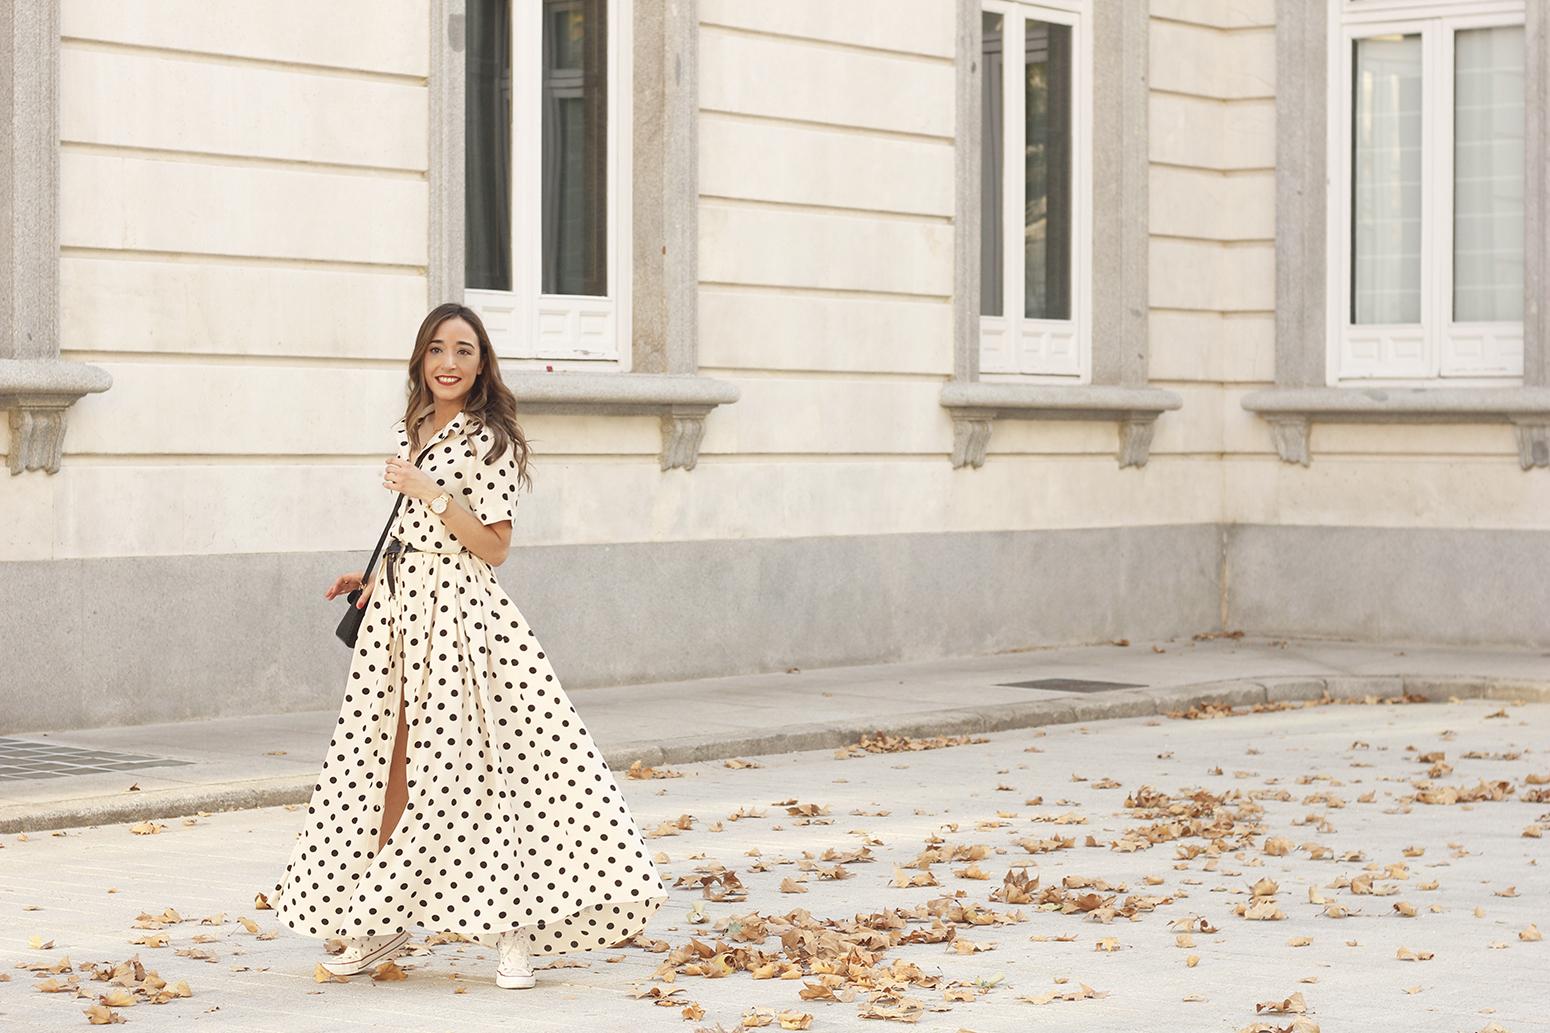 Maxi dress polka dots uterqüe converse givenchy bag summer outfit summer07